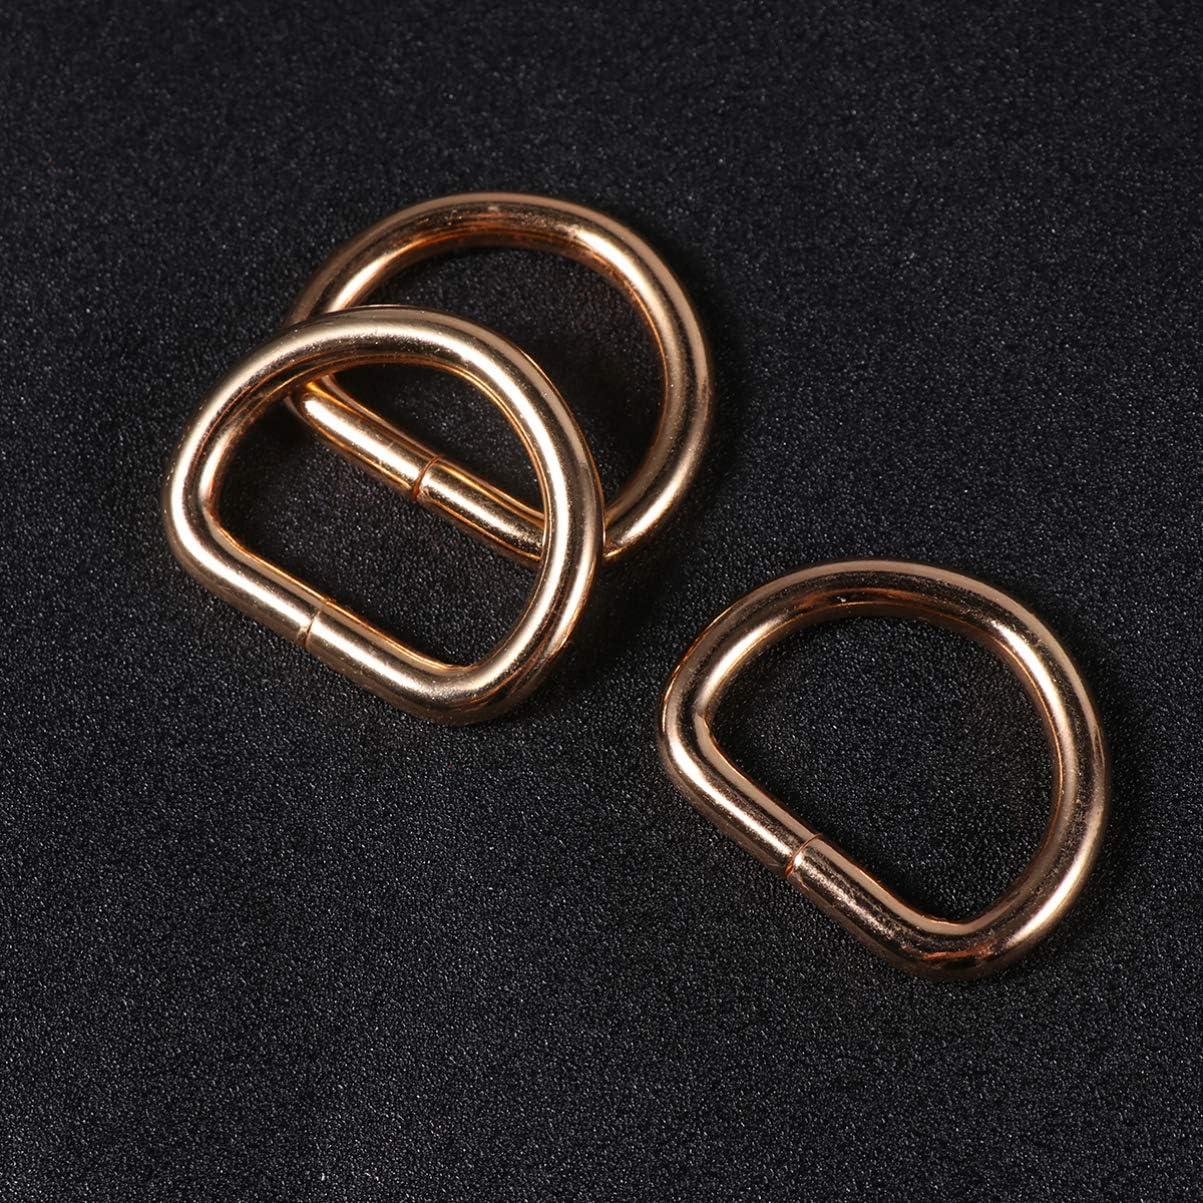 SuPVOX 20 St/ück Drehbare Karabinerhaken Metall D-Ring Pet Schnalle Leashes Schl/üsselband Drehverschl/üsse Lanyard f/ür Hardware Taschen DIY Zubeh/ör Bronze M bronze